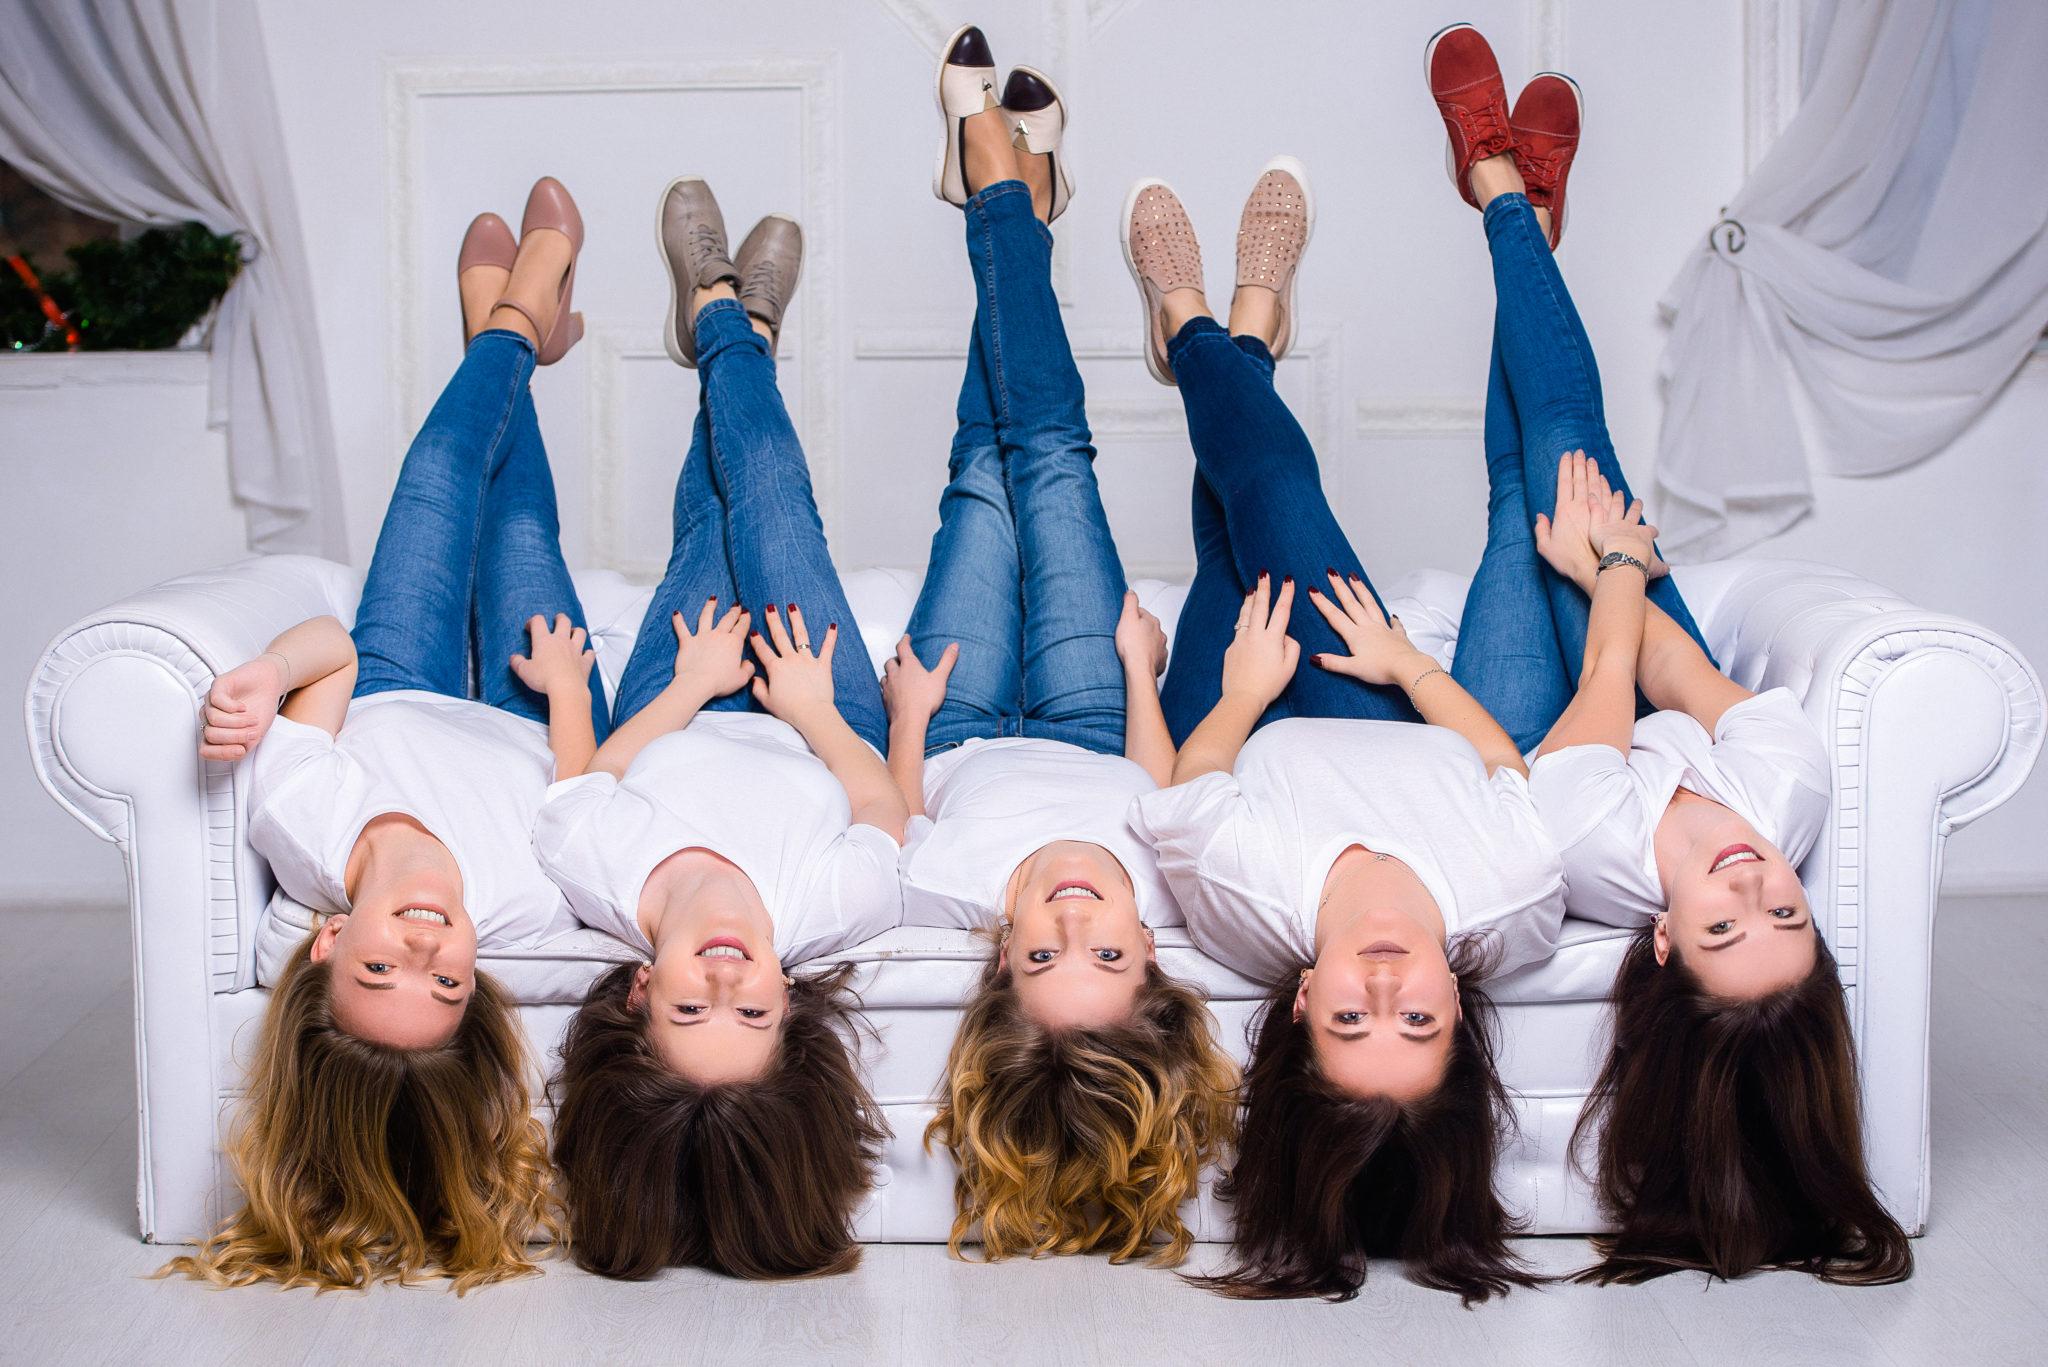 Девичник в студии, 5 девушек на диване в белых футболках и синих джинсах